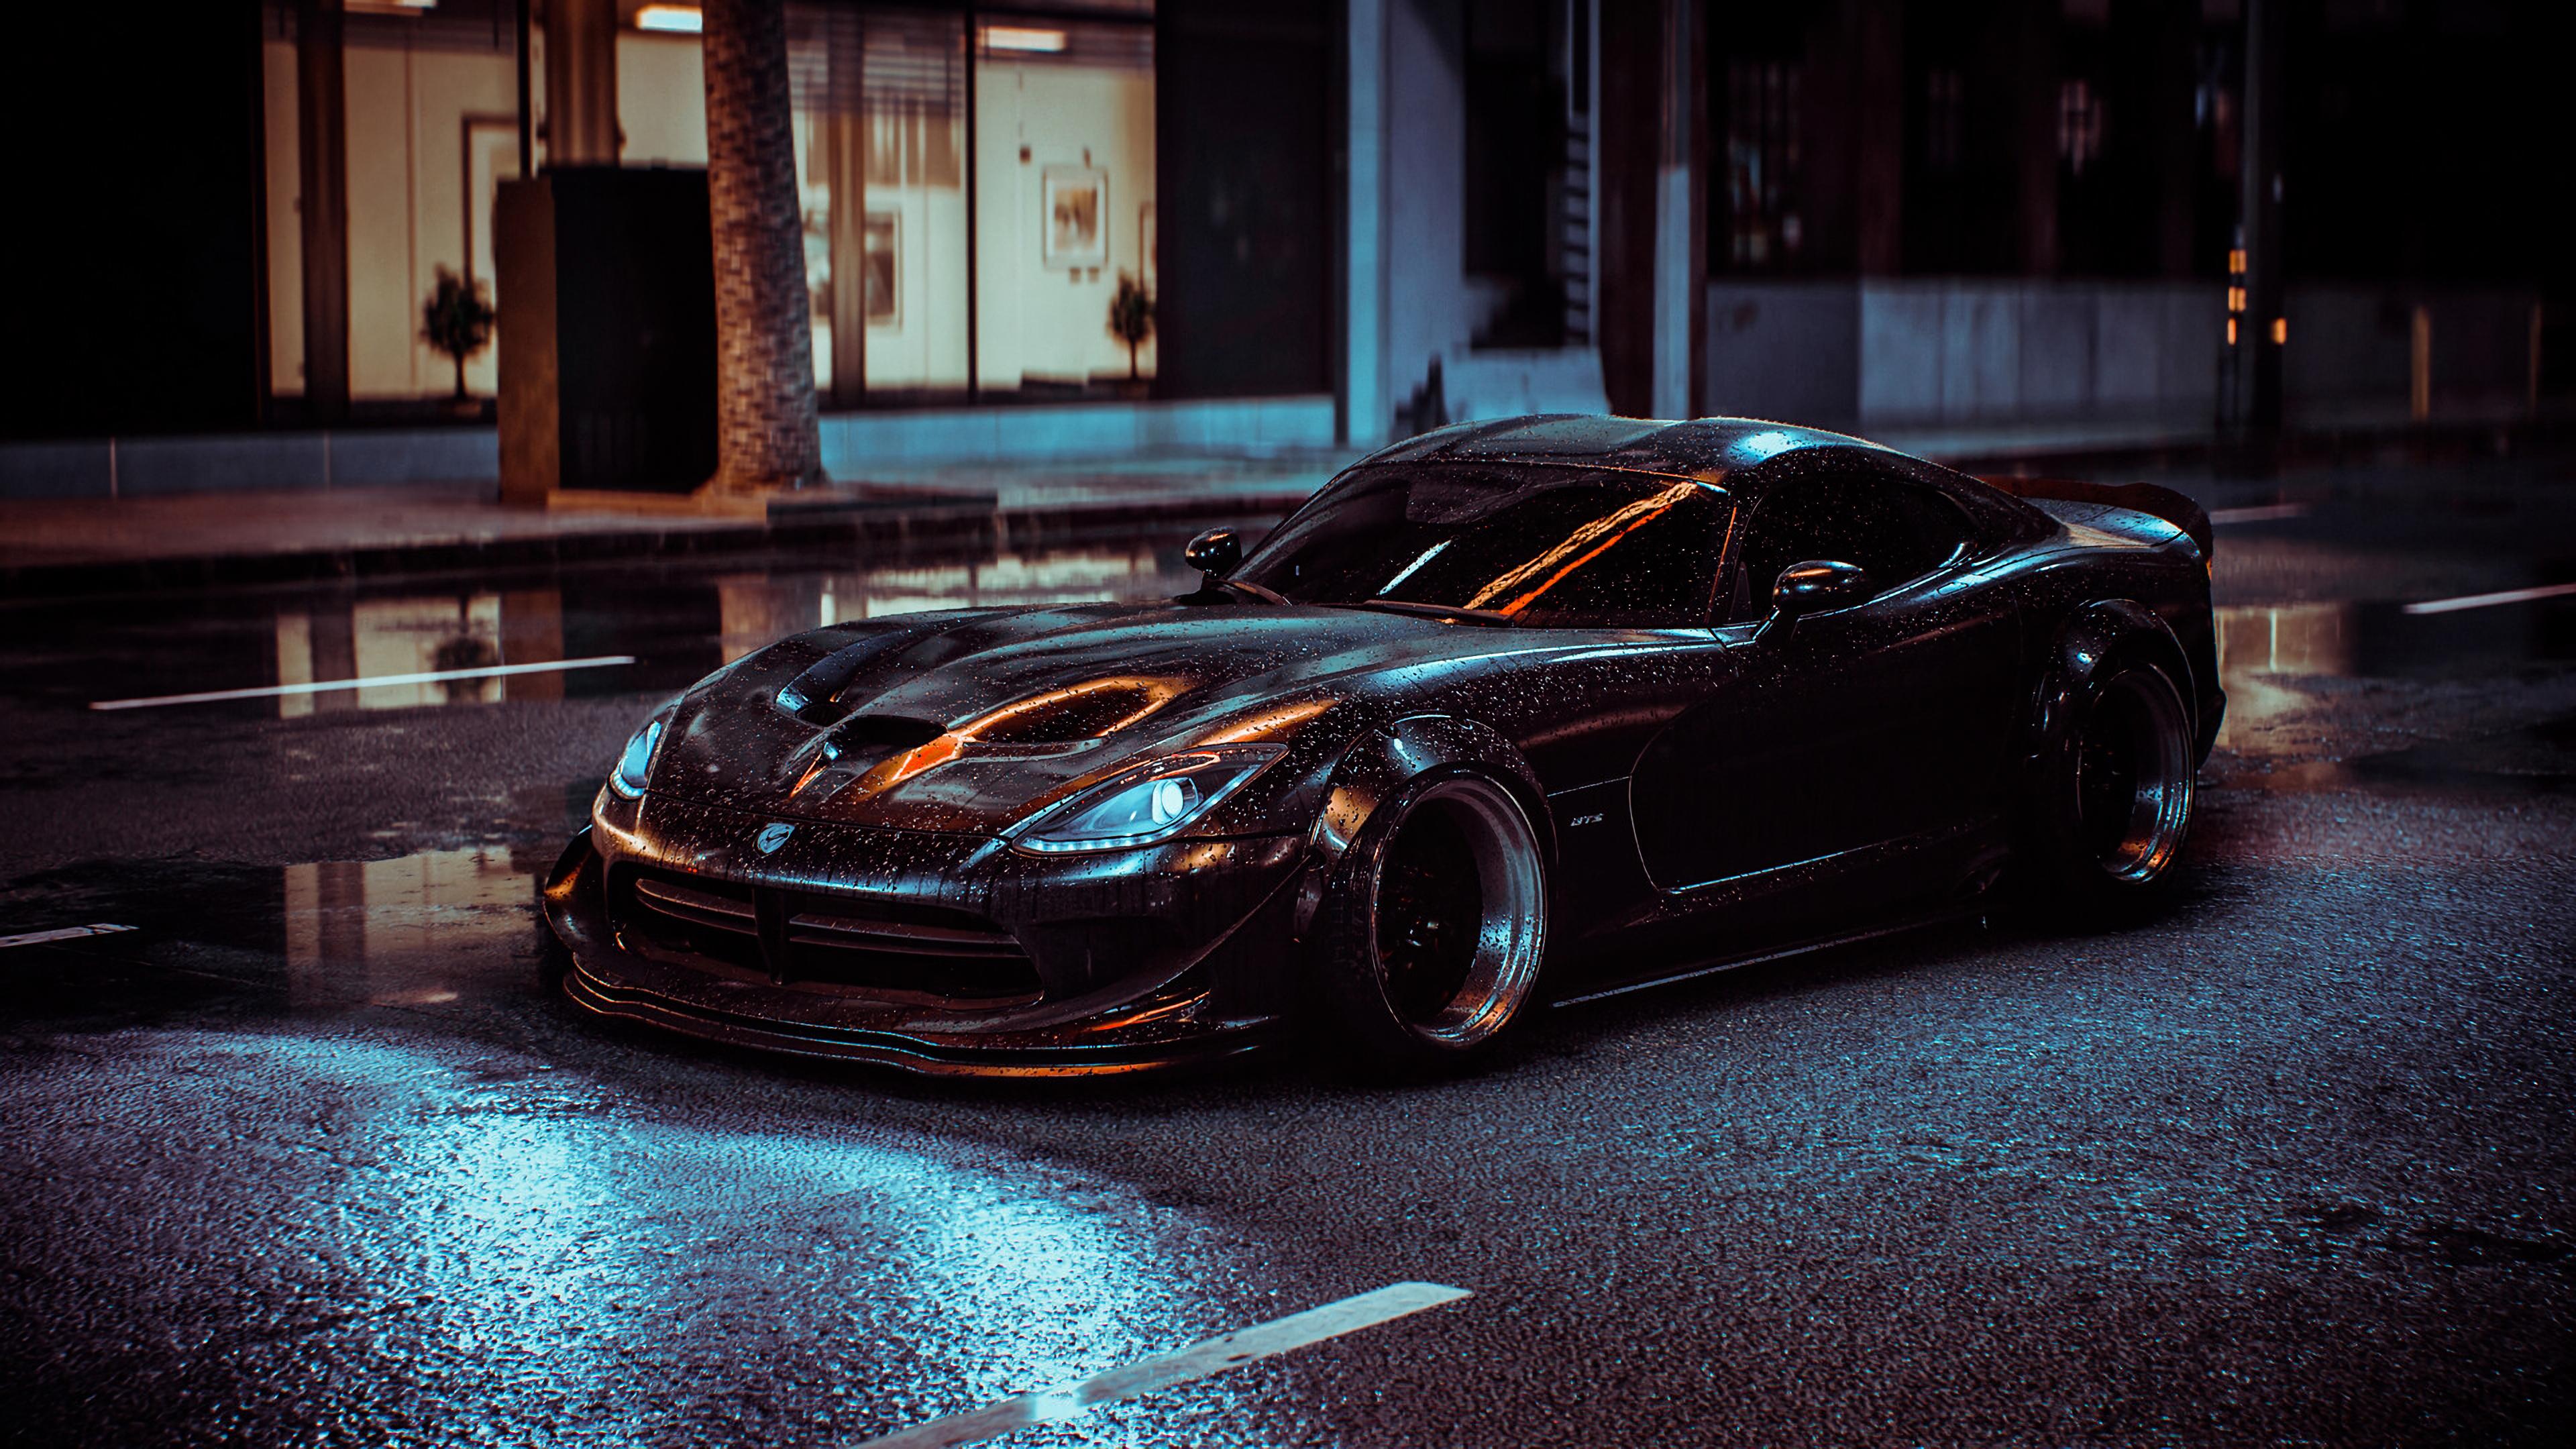 Wallpaper 4k Dodge Viper Srt Need For Speed 4k Wallpapers